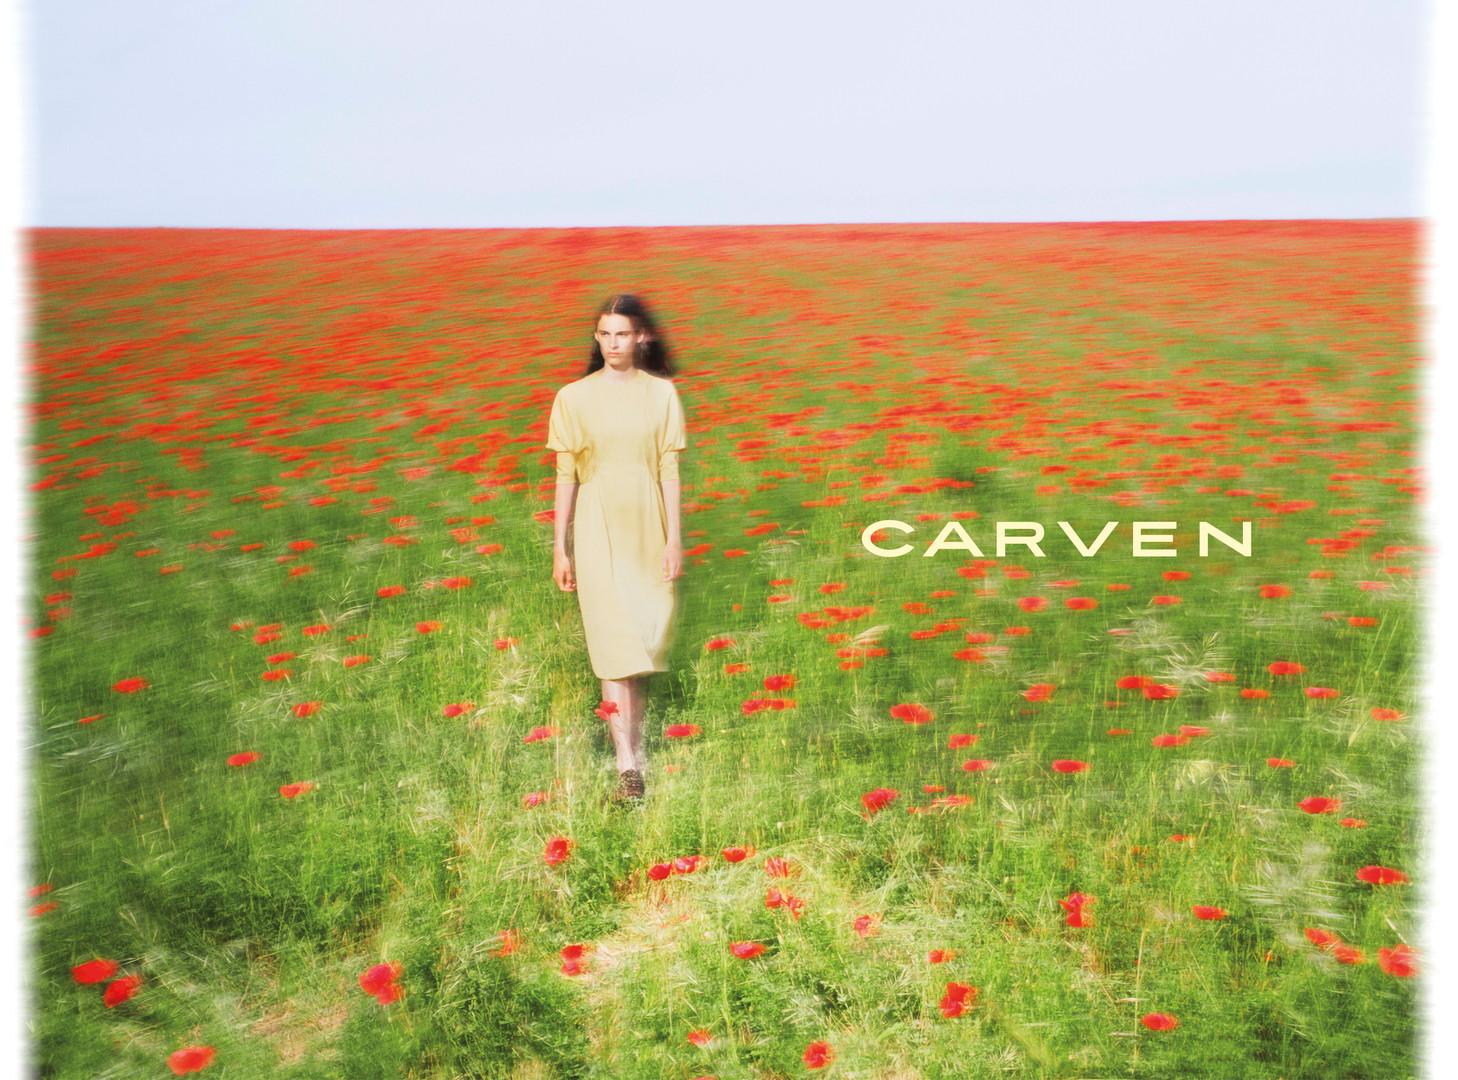 carven light 2.jpg